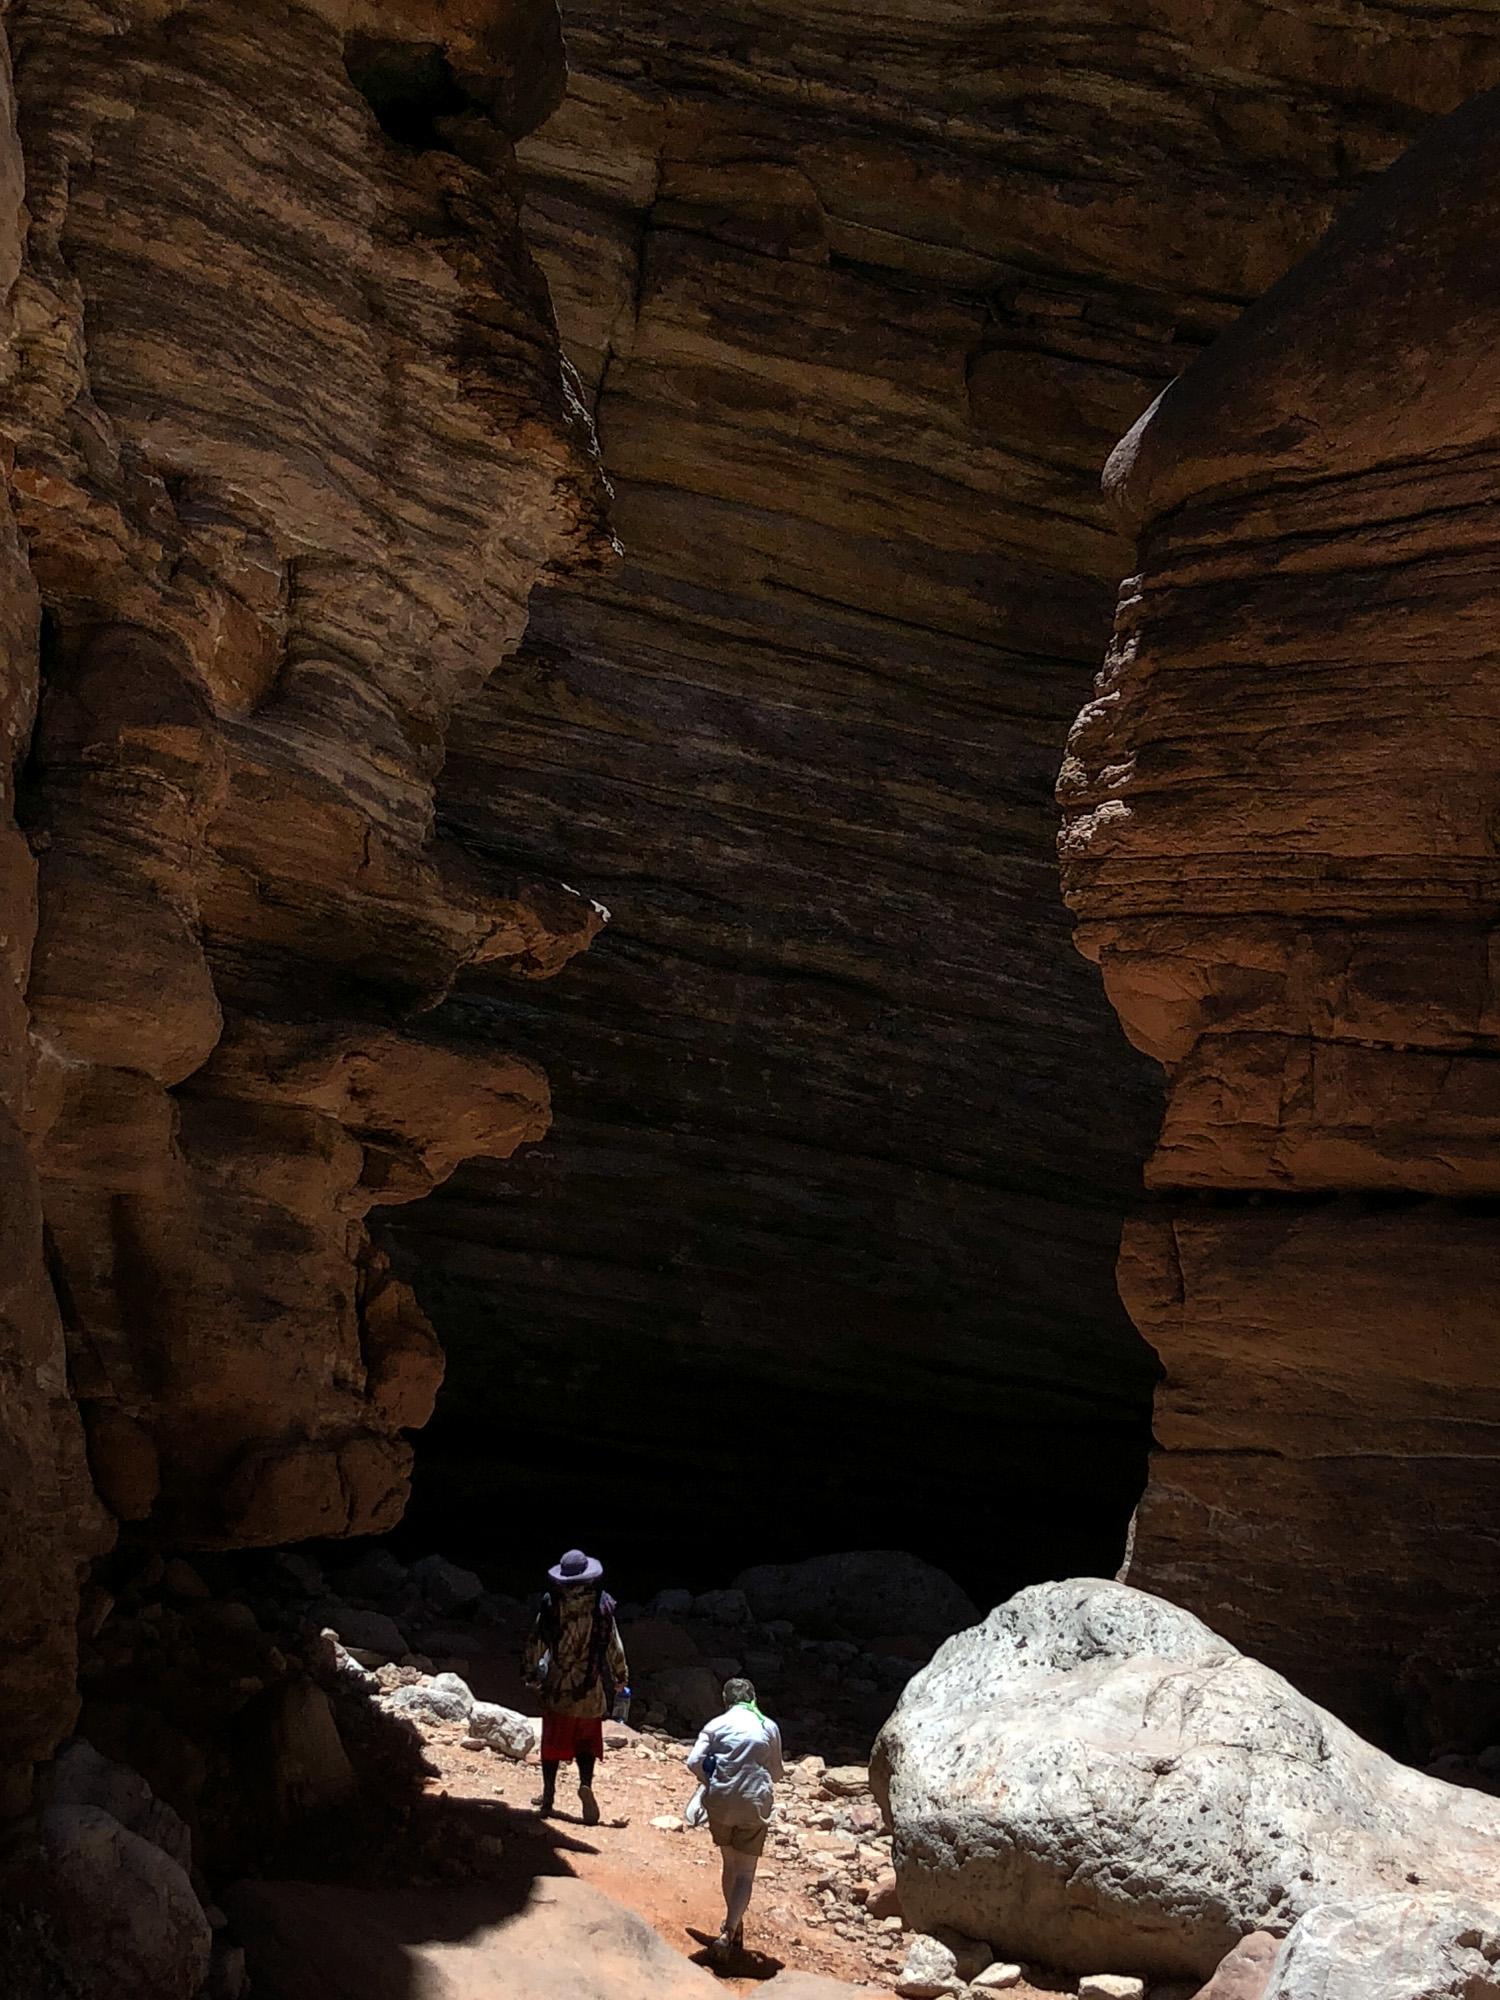 Walking through Blacktail Canyon